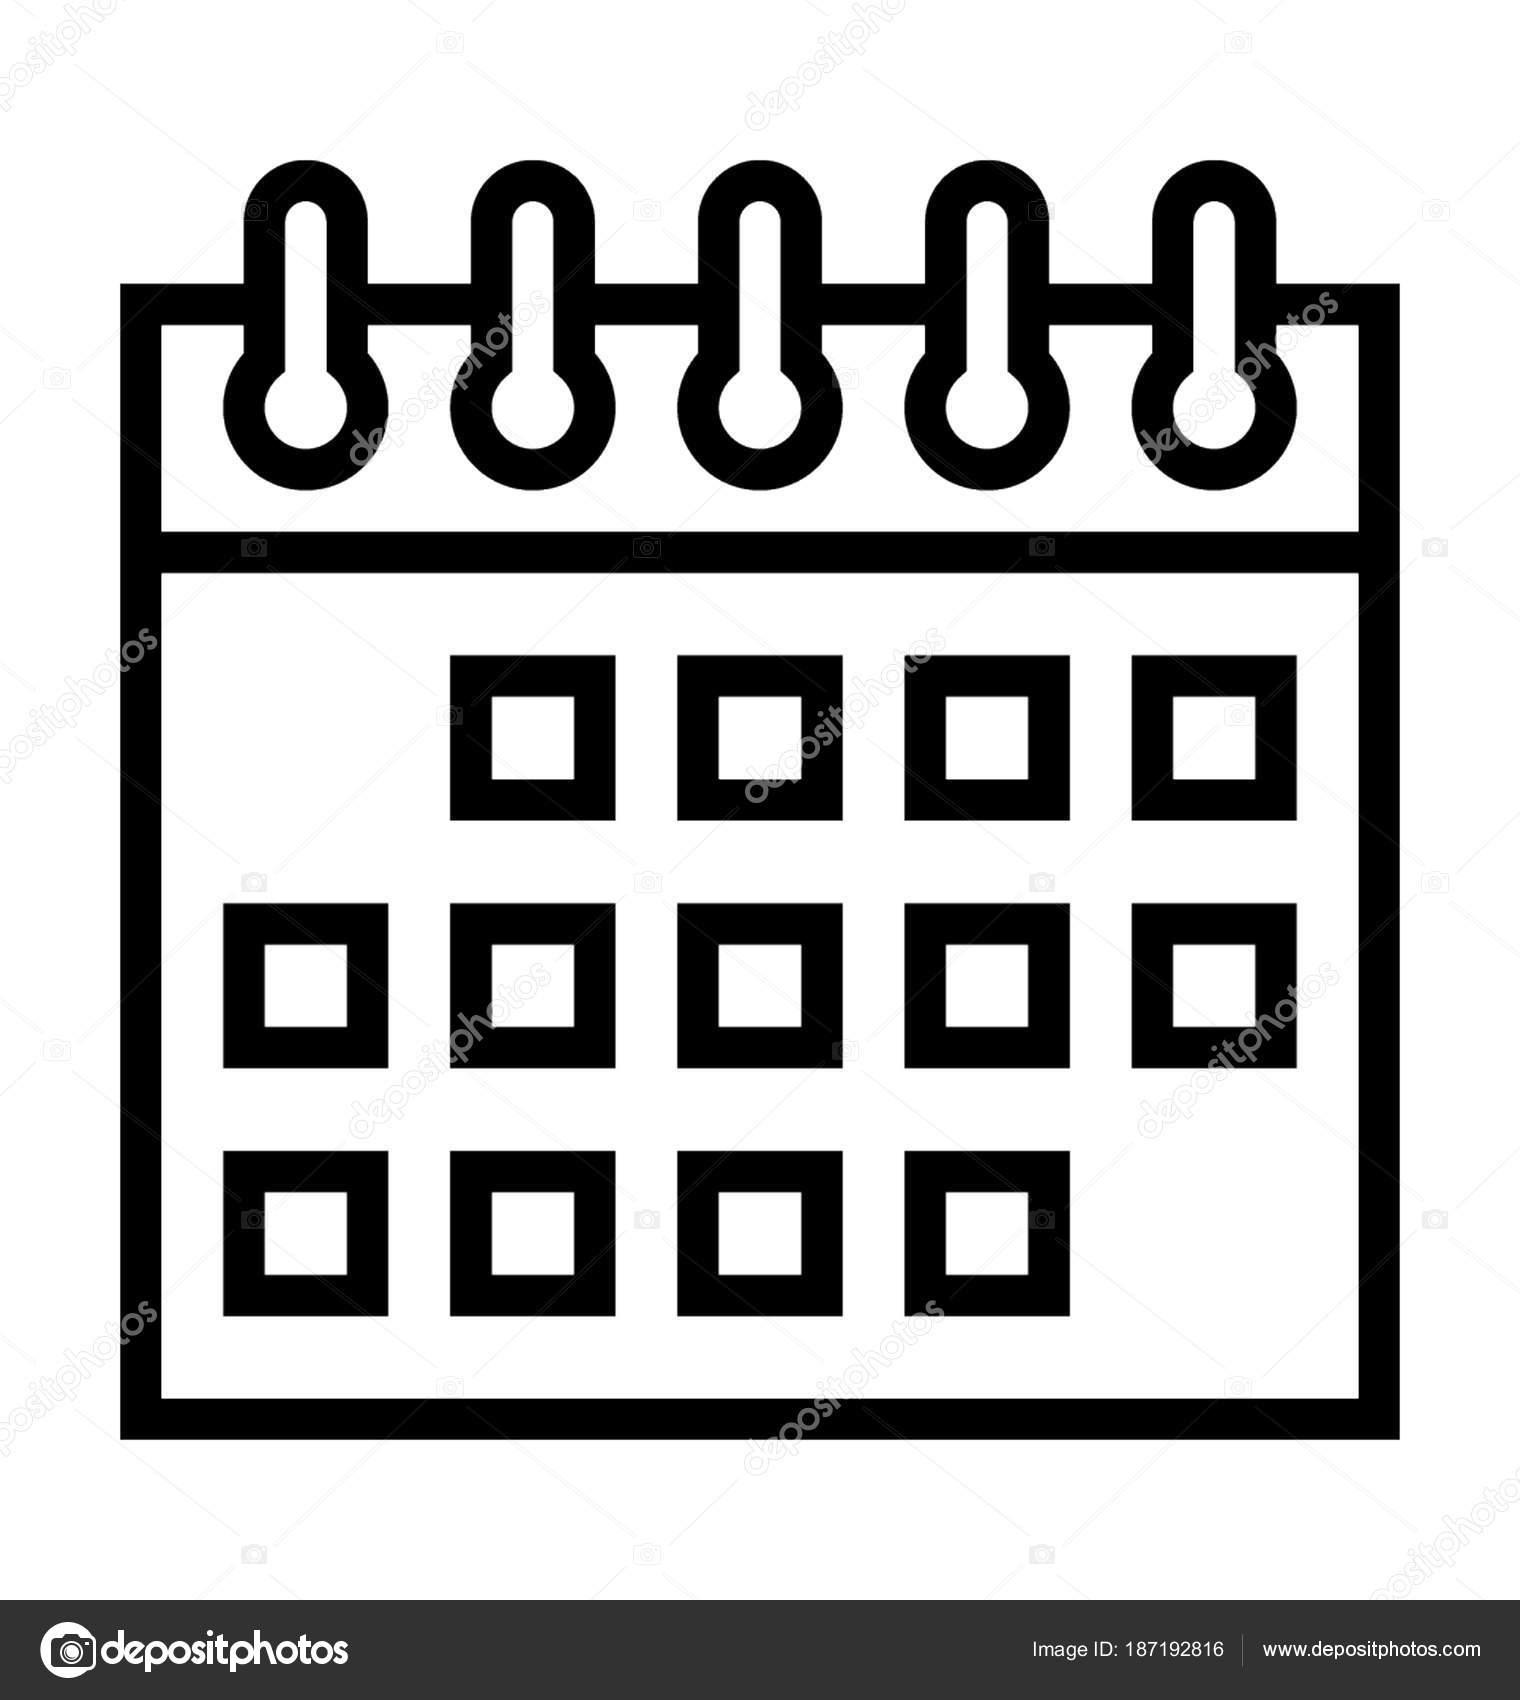 Animado: calendario png.